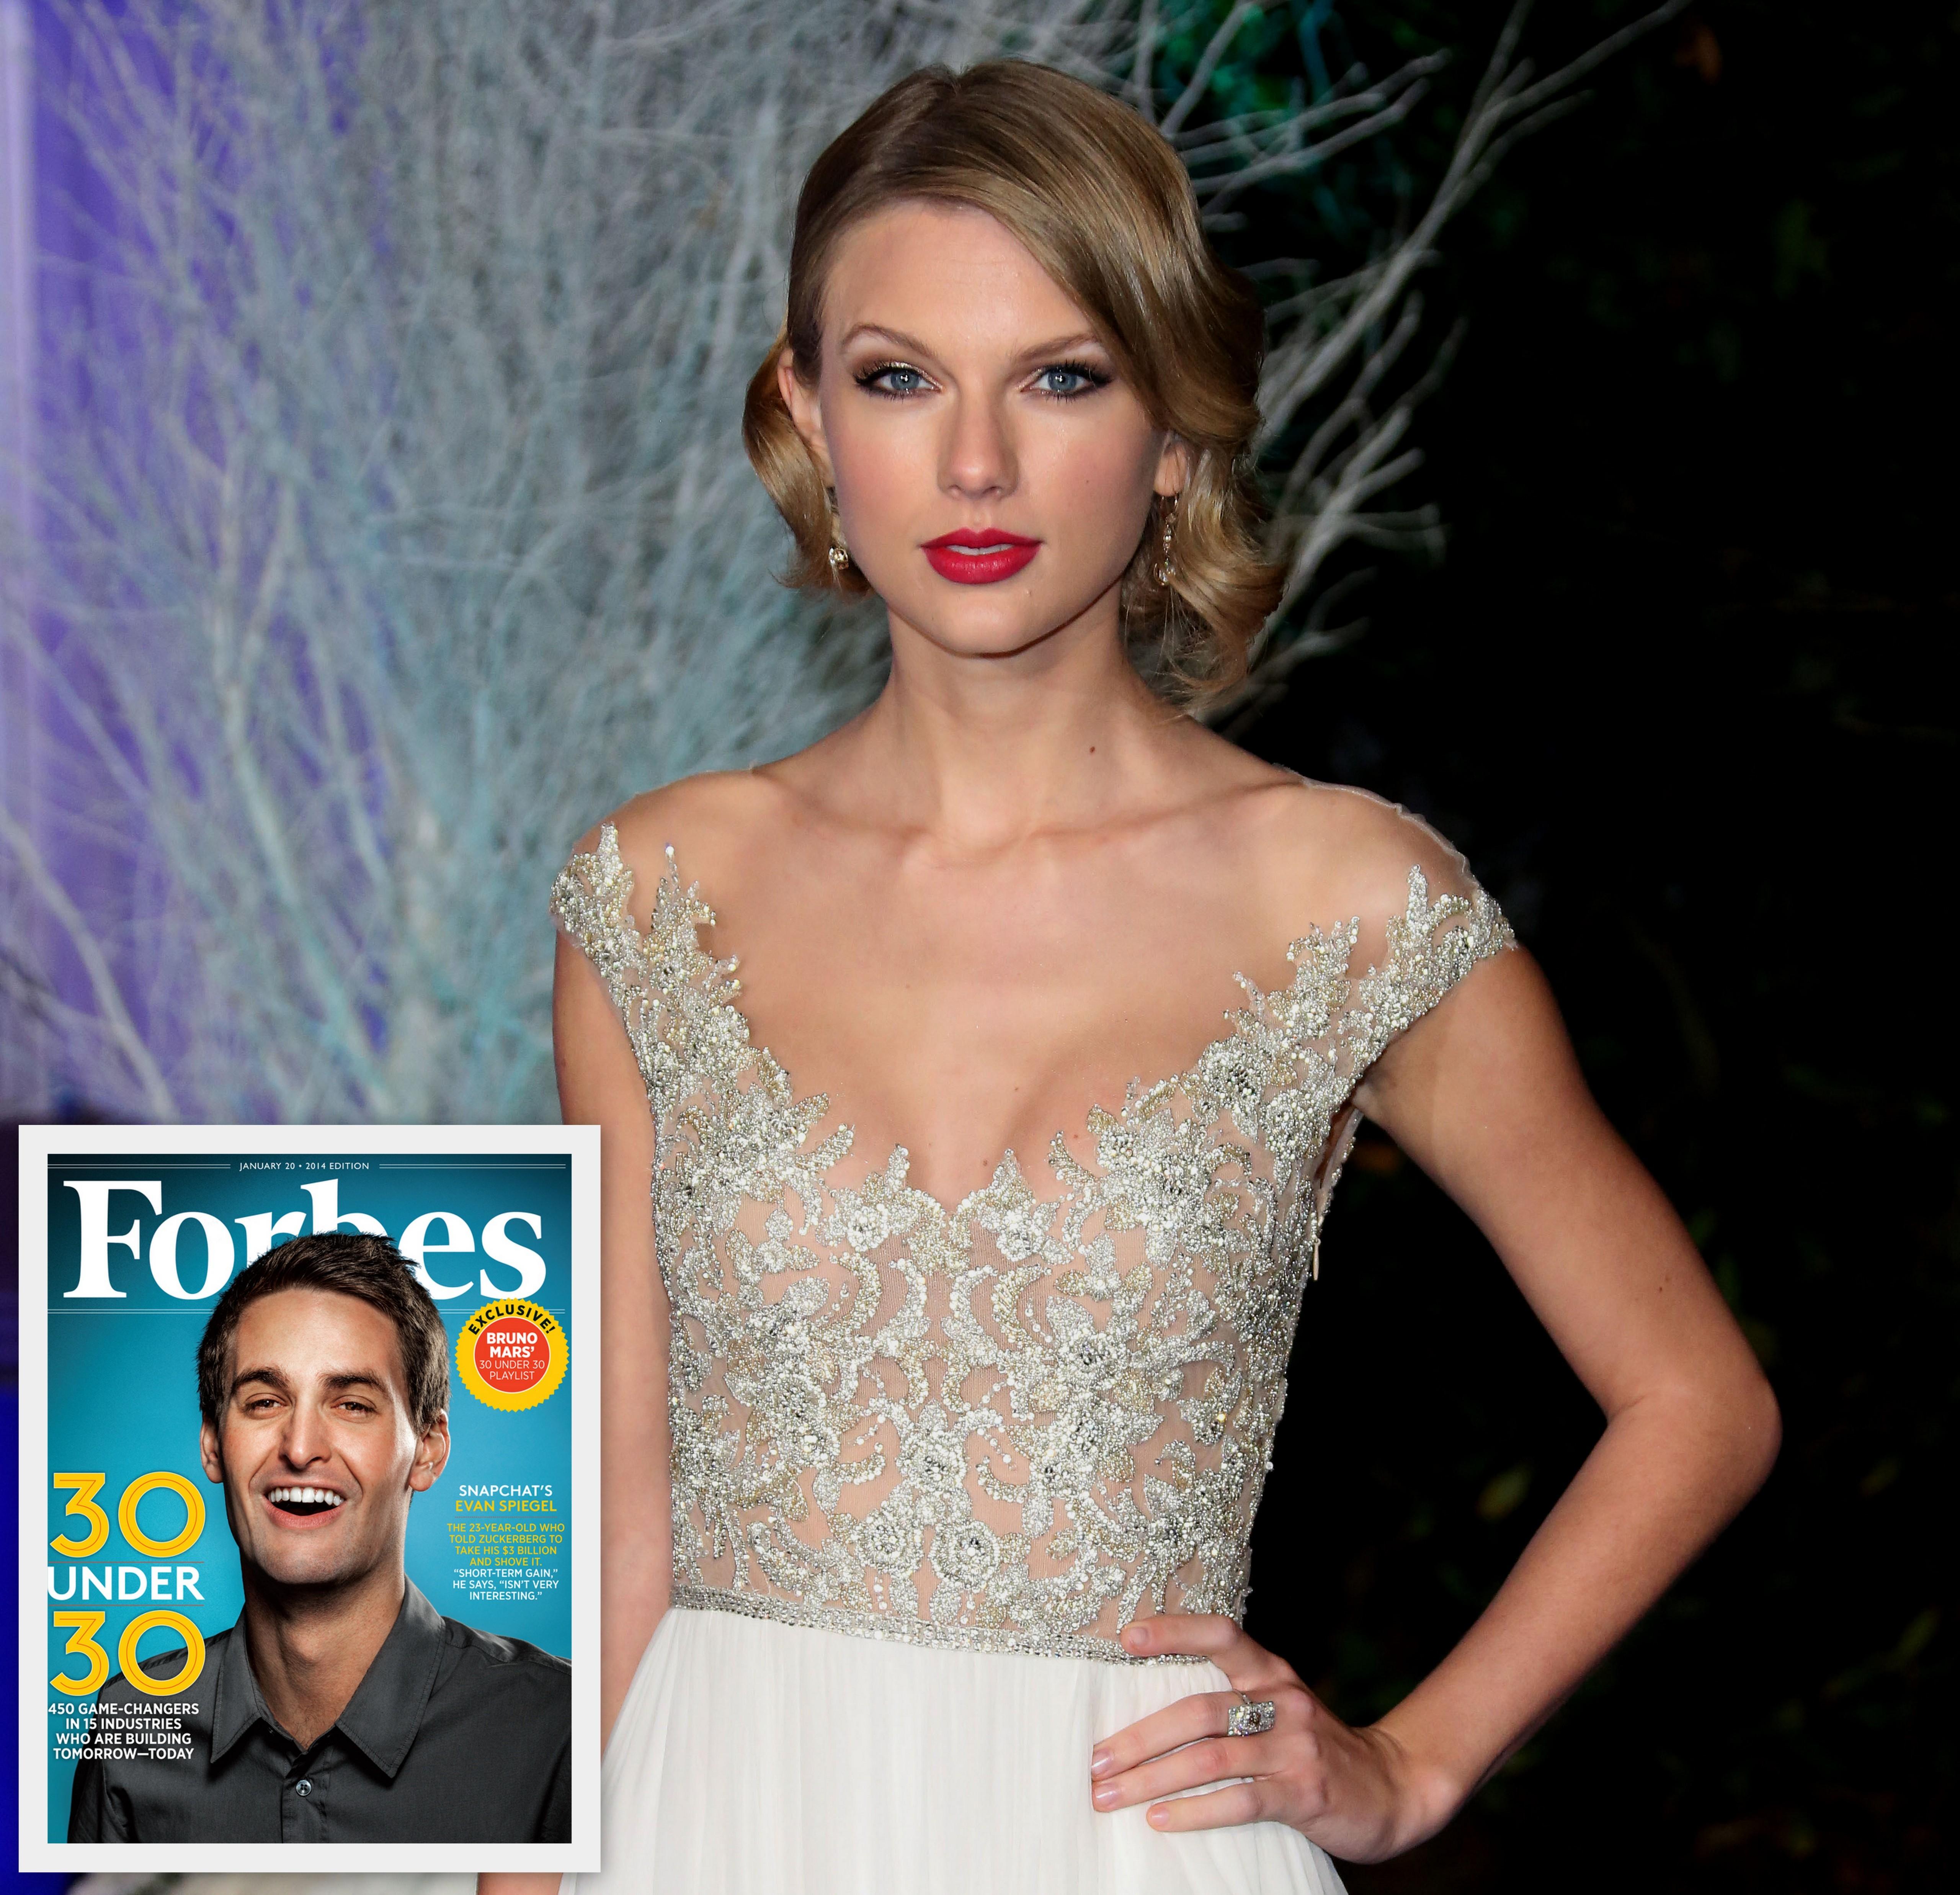 Taylor Swift Evan Spiegel